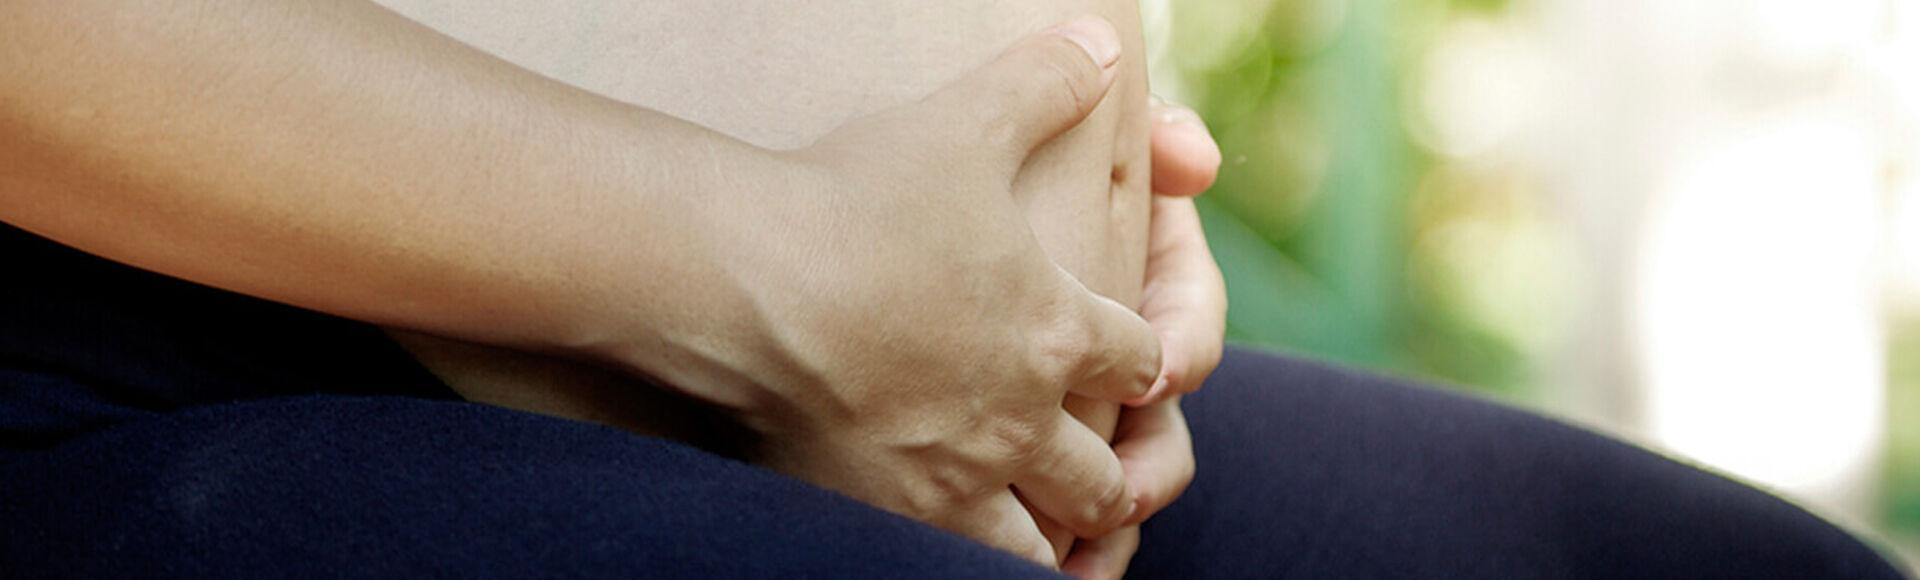 Ejercicios para embarazadas y el post parto | Más Abrazos by Huggies